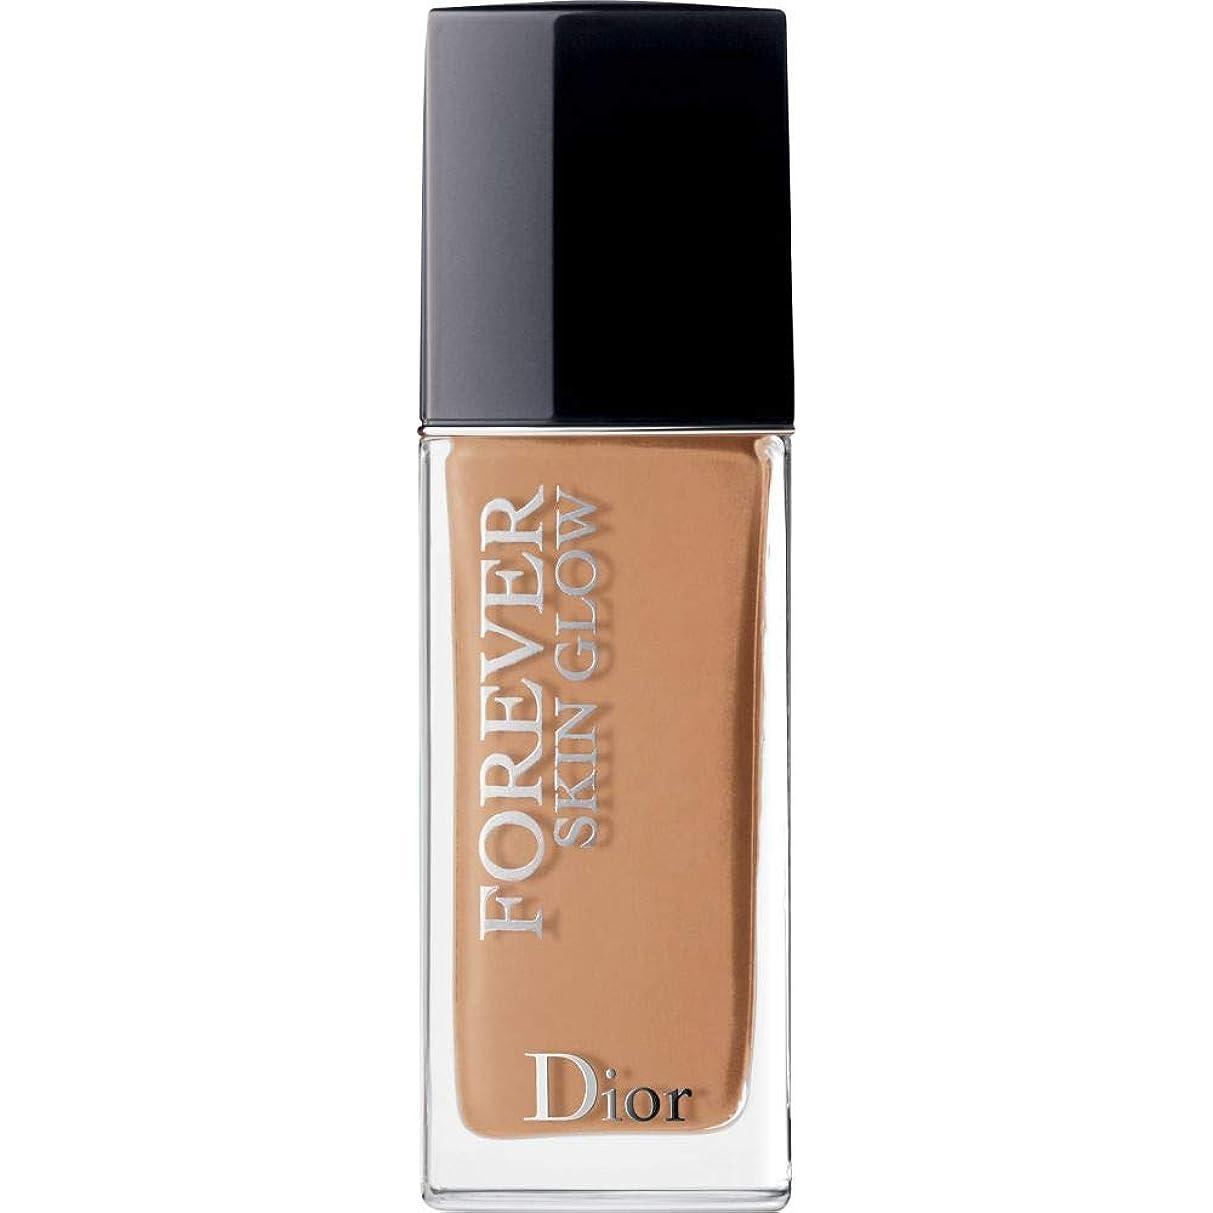 悪の圧縮する組[Dior ] ディオール永遠肌の輝き肌思いやりの基礎Spf35 30ミリリットルの4.5ワット - 暖かい(肌の輝き) - DIOR Forever Skin Glow Skin-Caring Foundation SPF35 30ml 4.5W - Warm (Skin Glow) [並行輸入品]